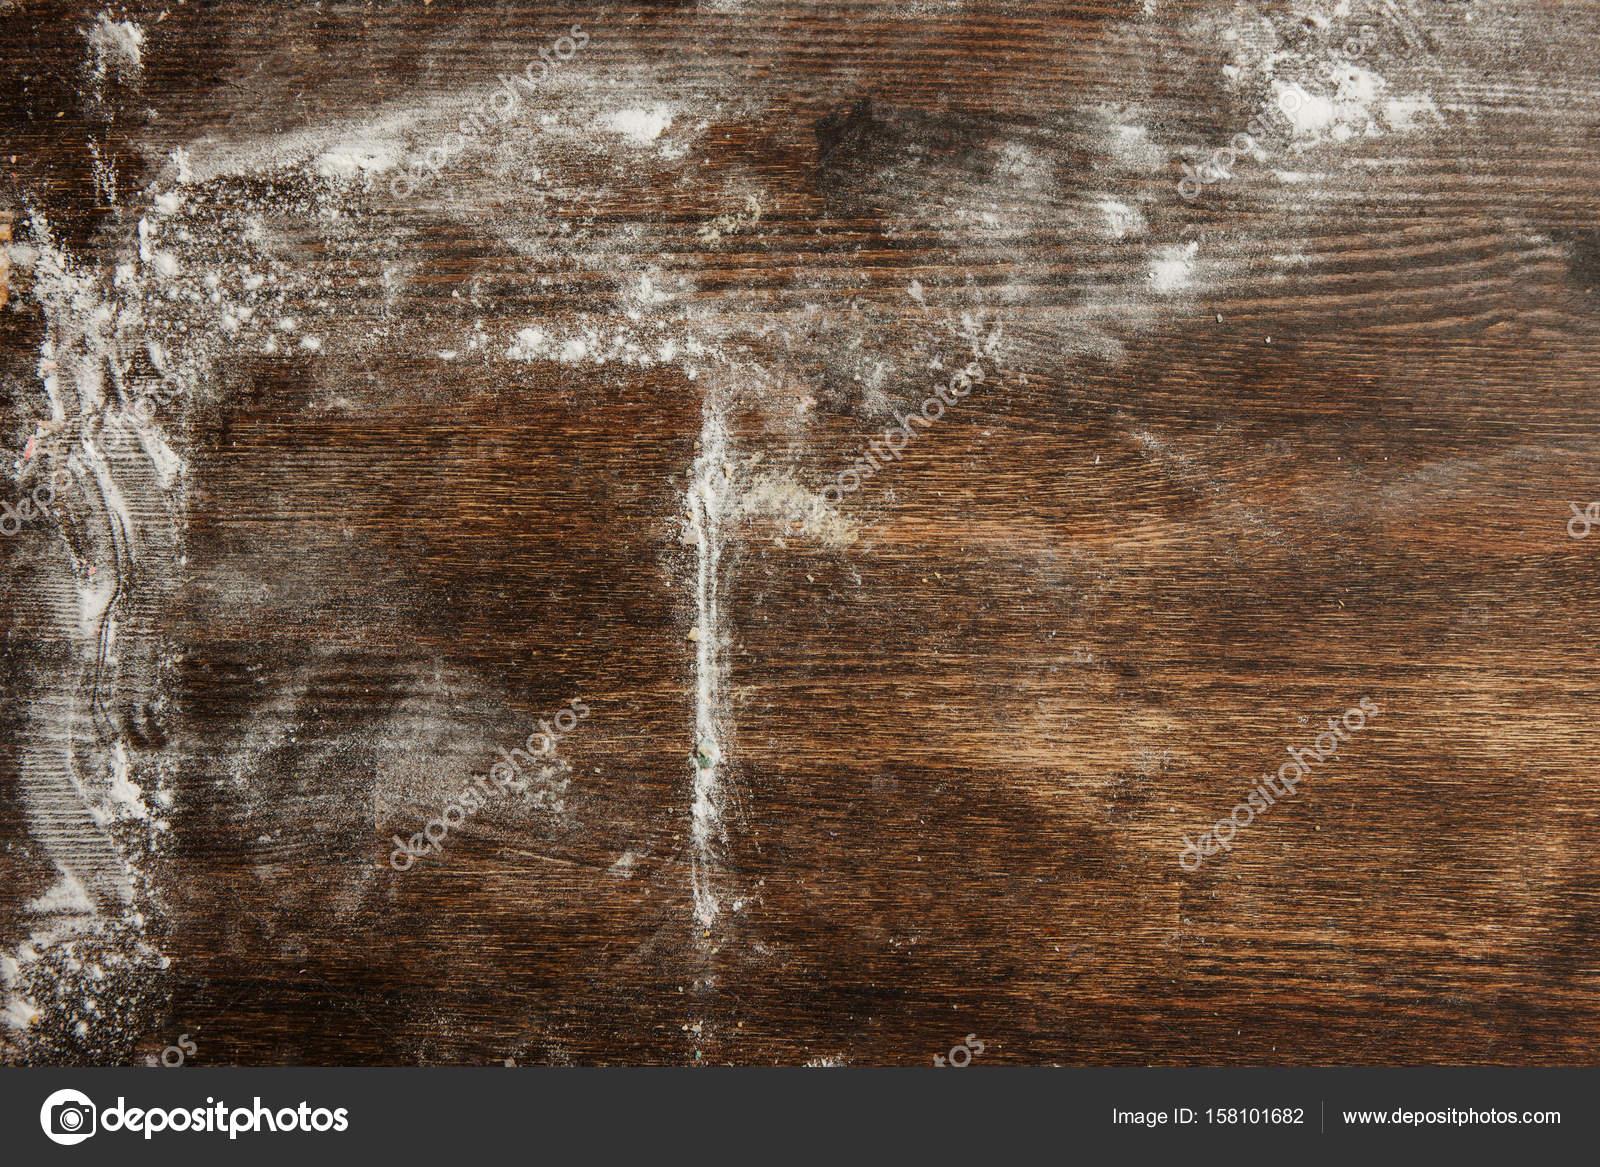 Stampe Da Cucina : Farina di stampa da cucina sul tavolo in legno u2014 foto stock